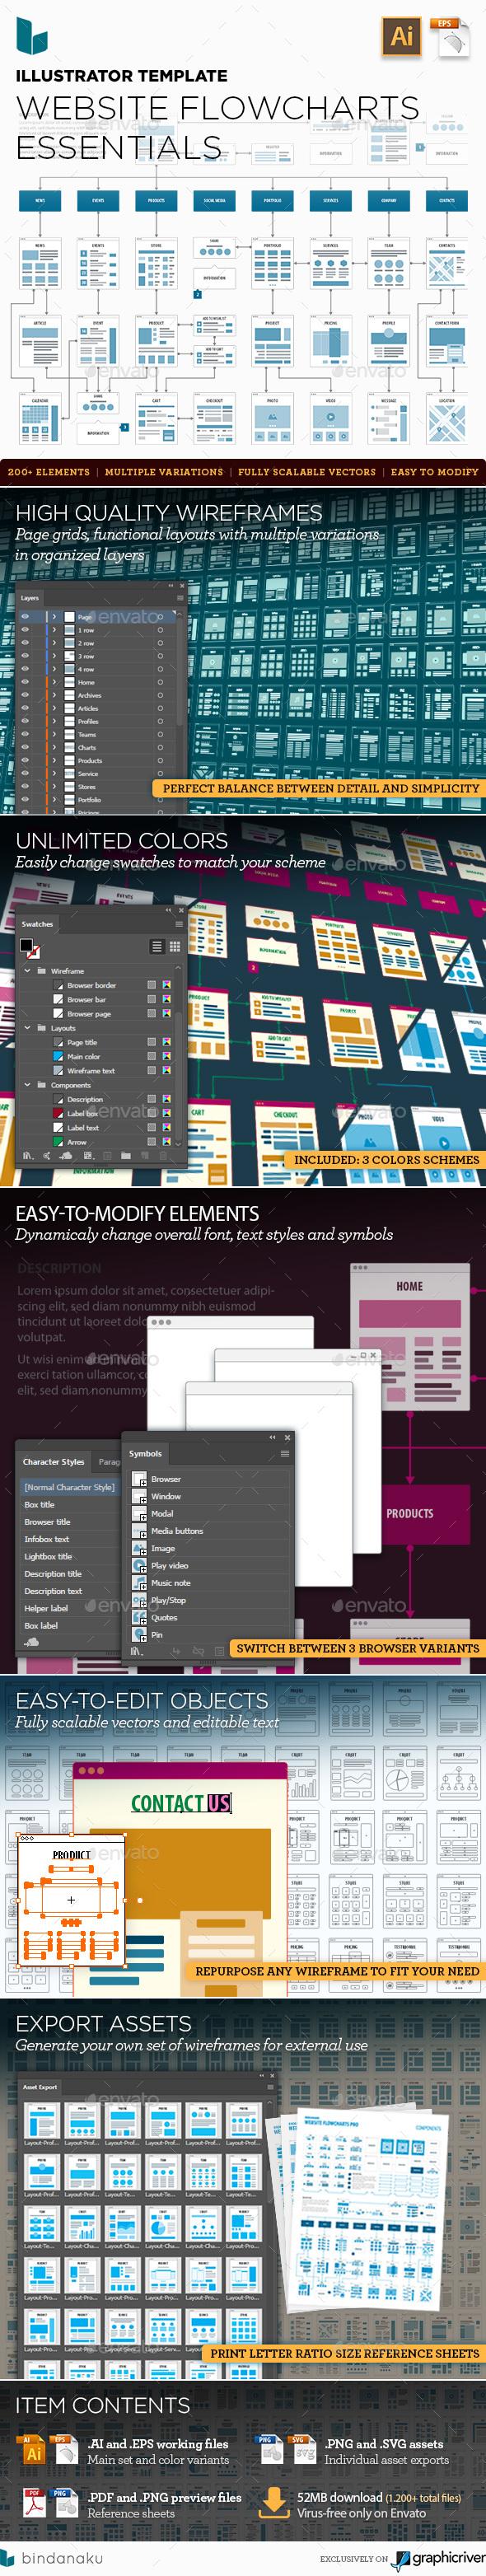 GraphicRiver Website Flowcharts Essentials 20562047